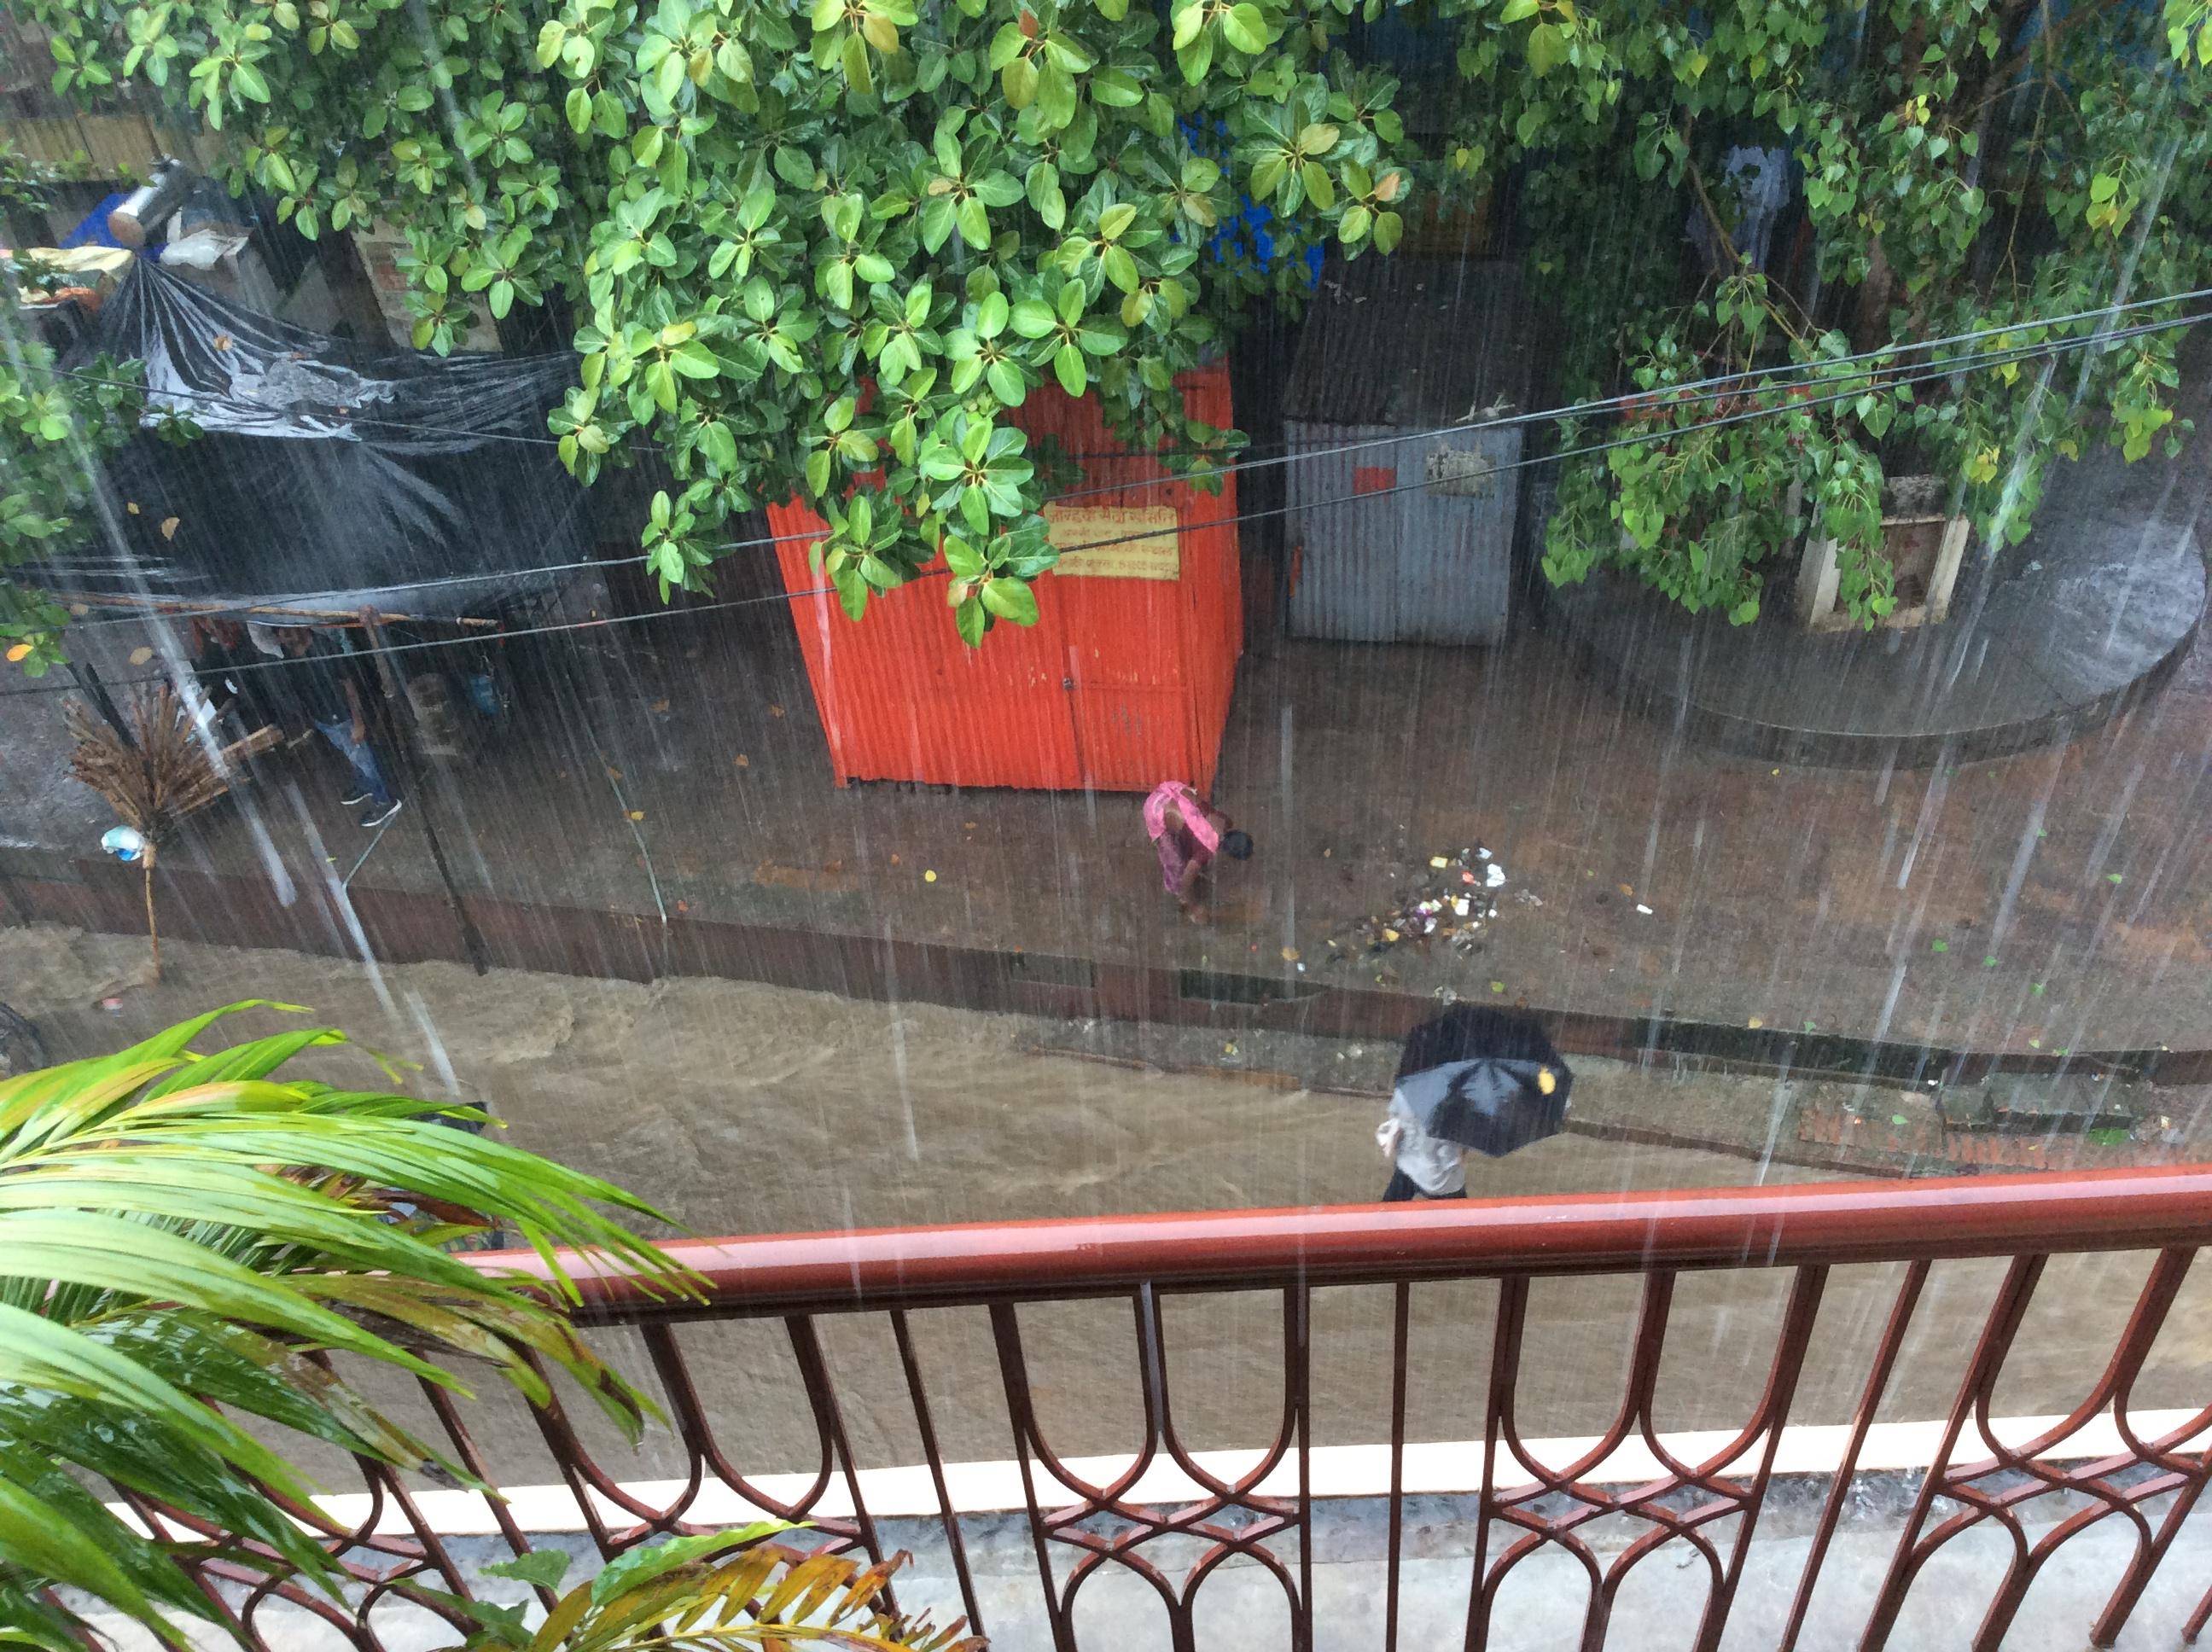 Die Strasse ist zu einem reißenden Fluß geworden. Die Frauen nutzen den Regenguß zum saubermachen.